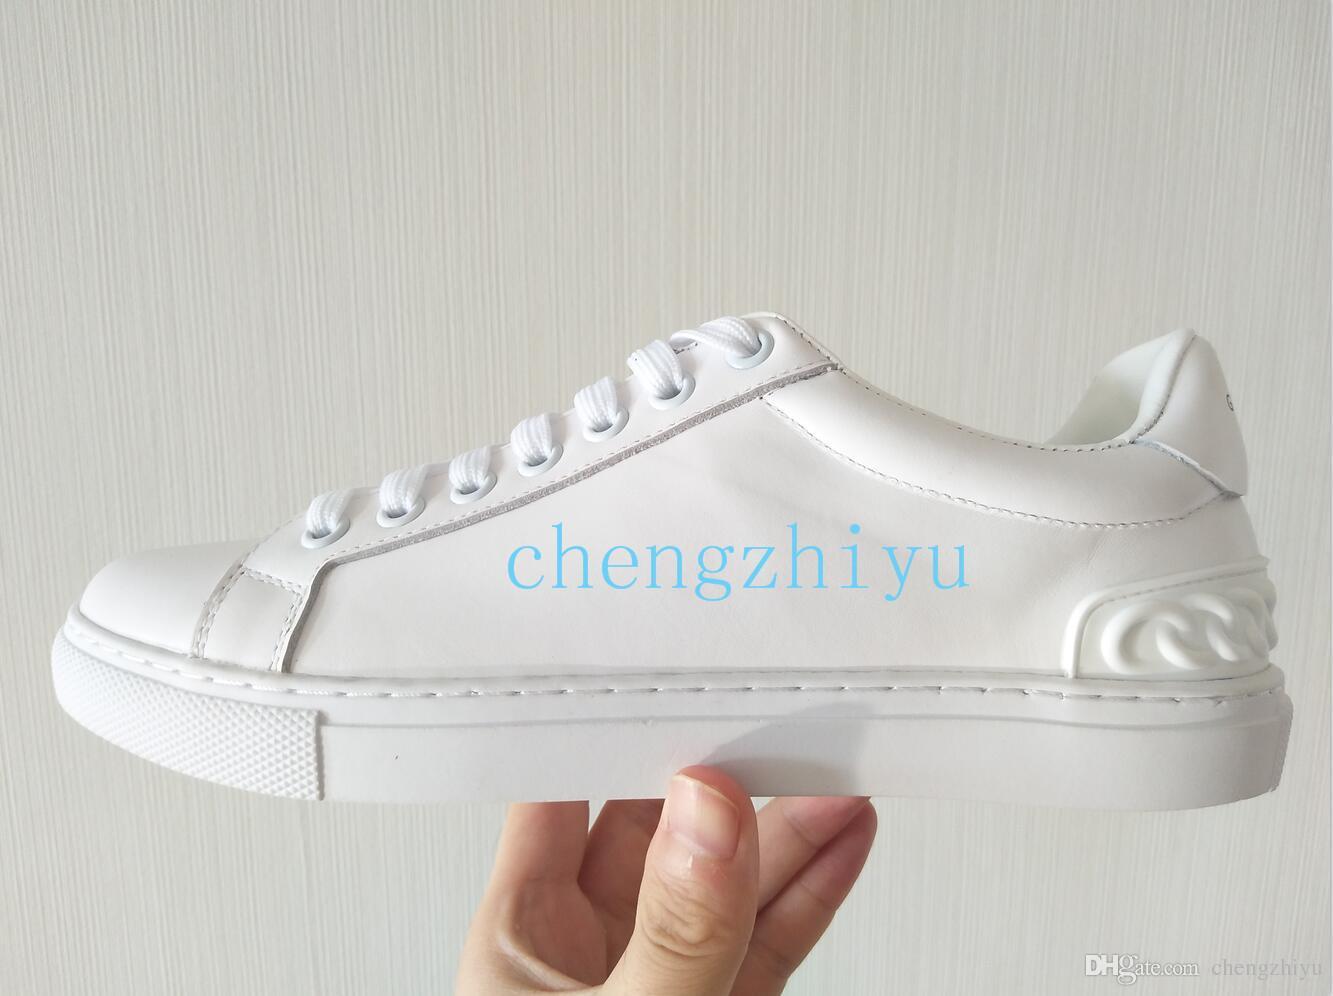 7e672ec4d Compre 2018 Novo Luxo De Couro Sapatos Casuais Mulheres Sapatilhas De Grife Homens  Sapatos De Couro Genuíno Moda De Várias Cores Original Tamanho Da Caixa ...